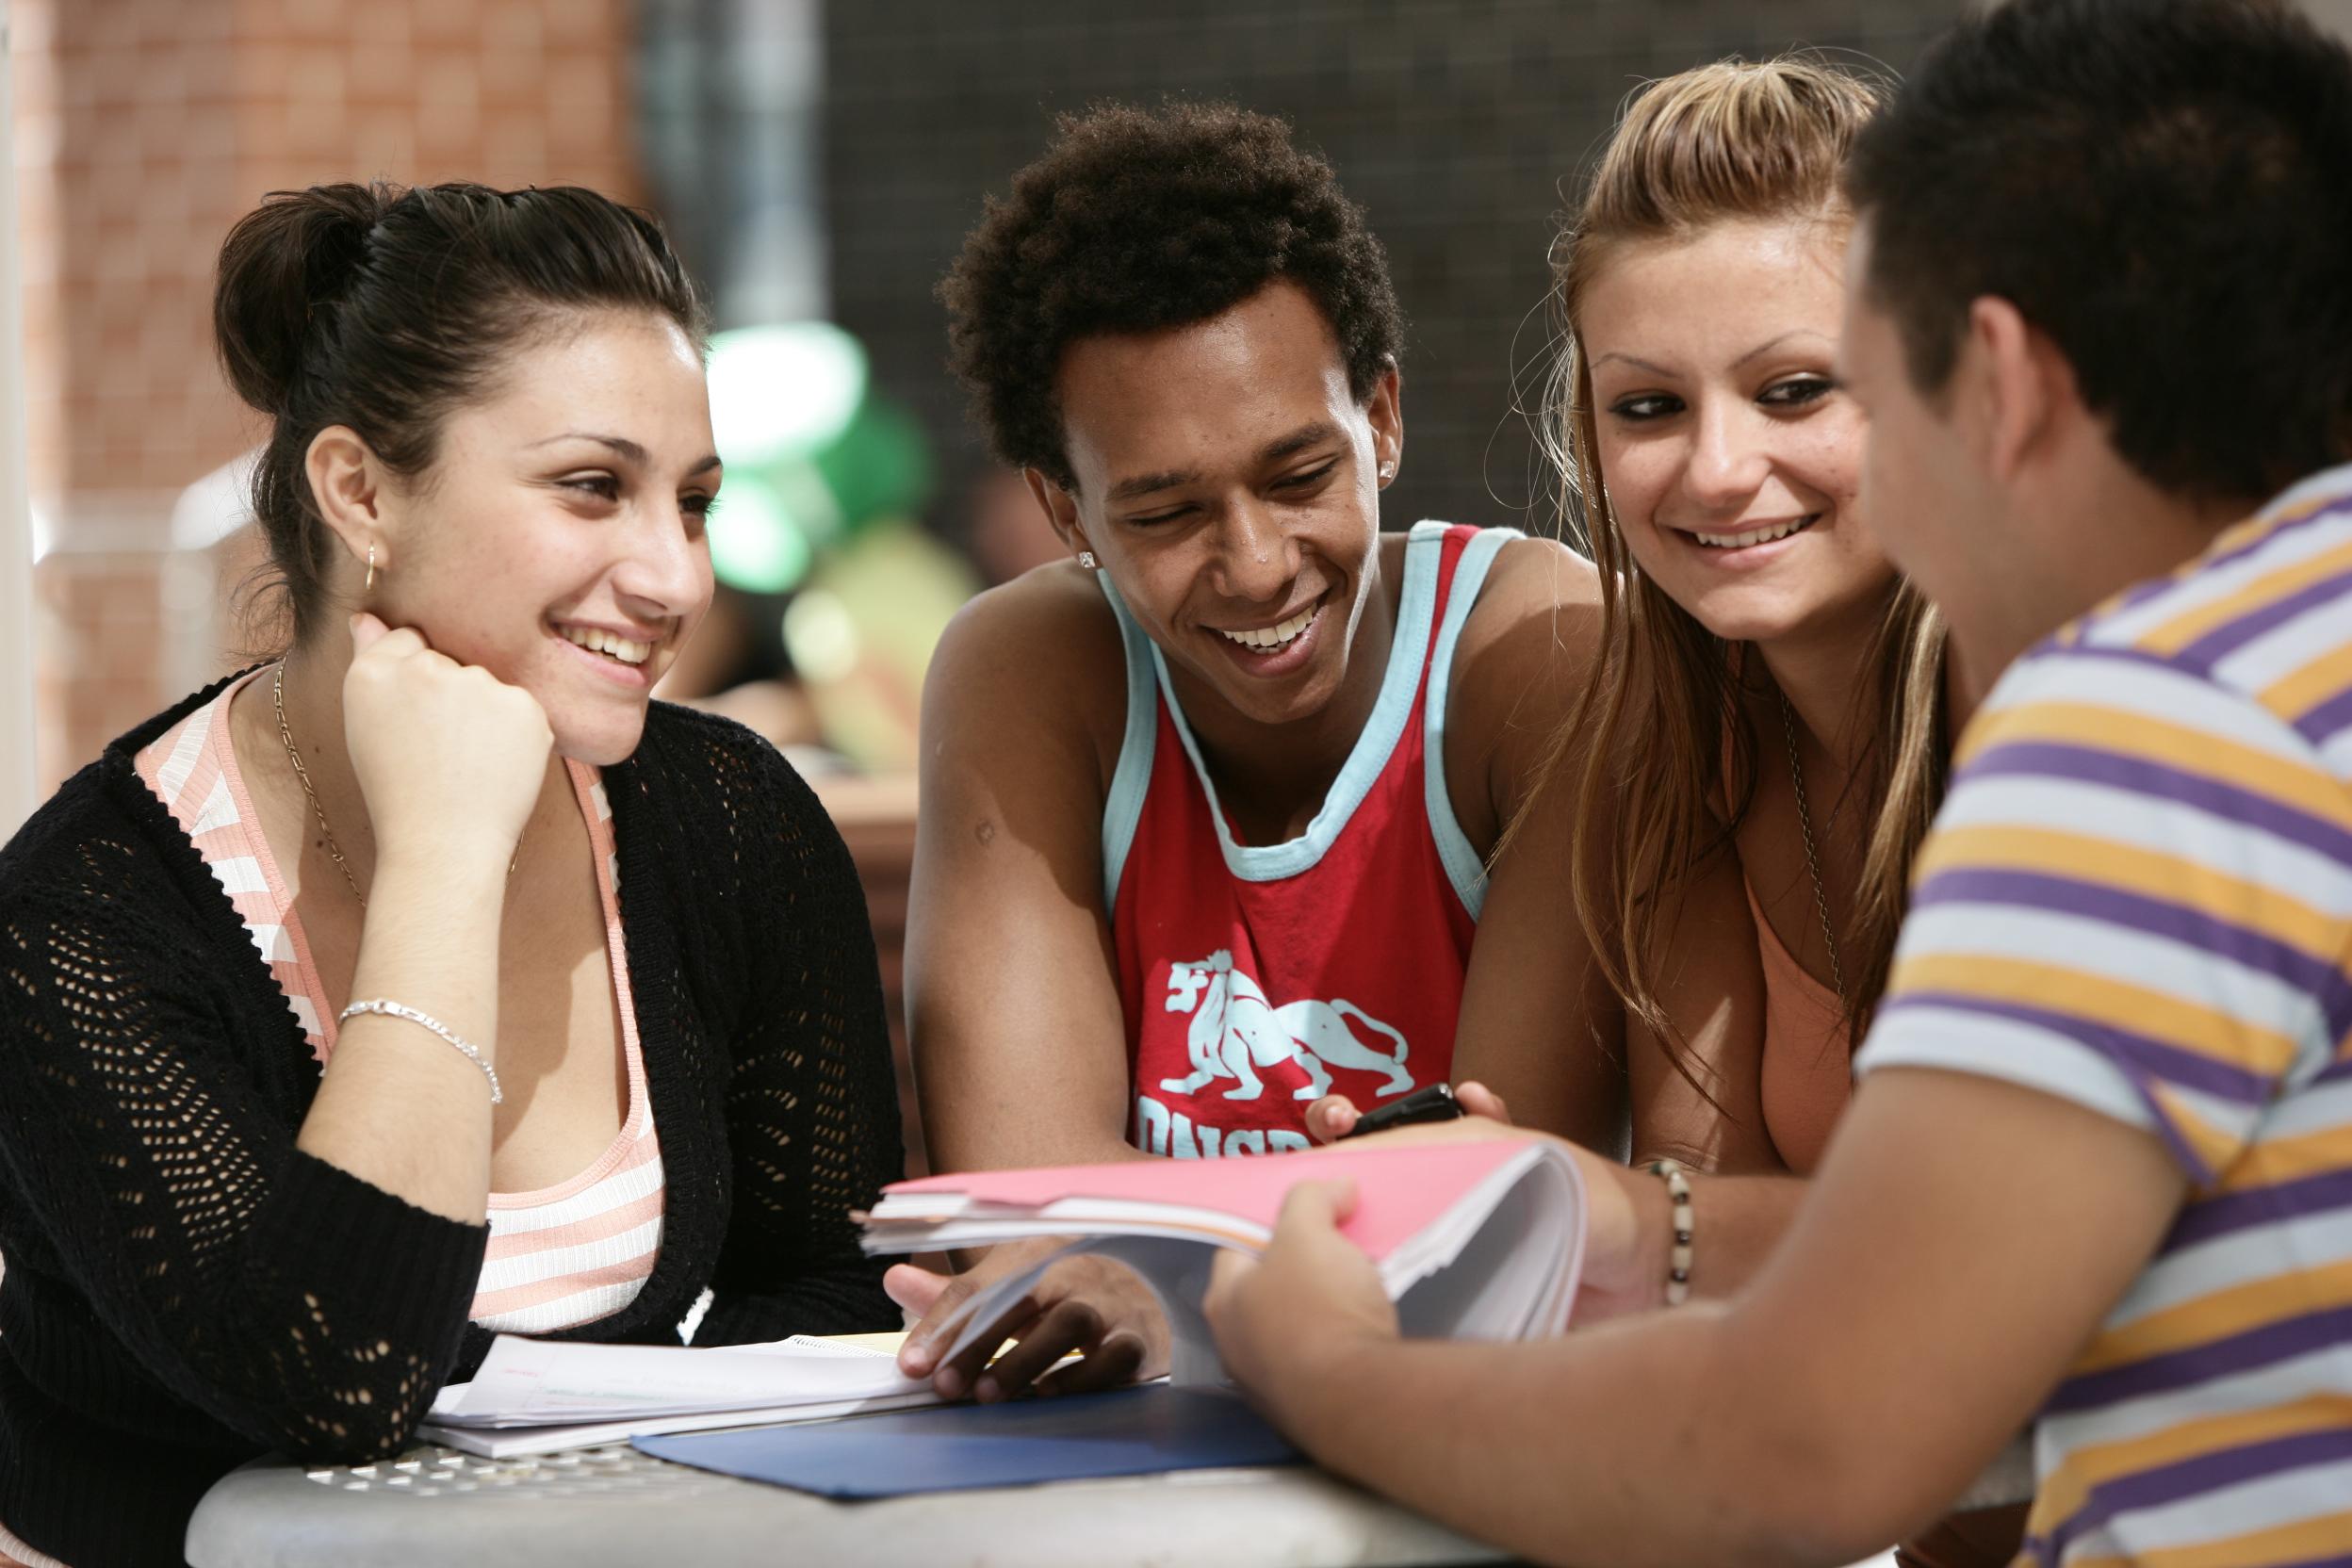 Avustralya'da eğitim: program seçerken ne tür kriterleri dikkate almalıyım?